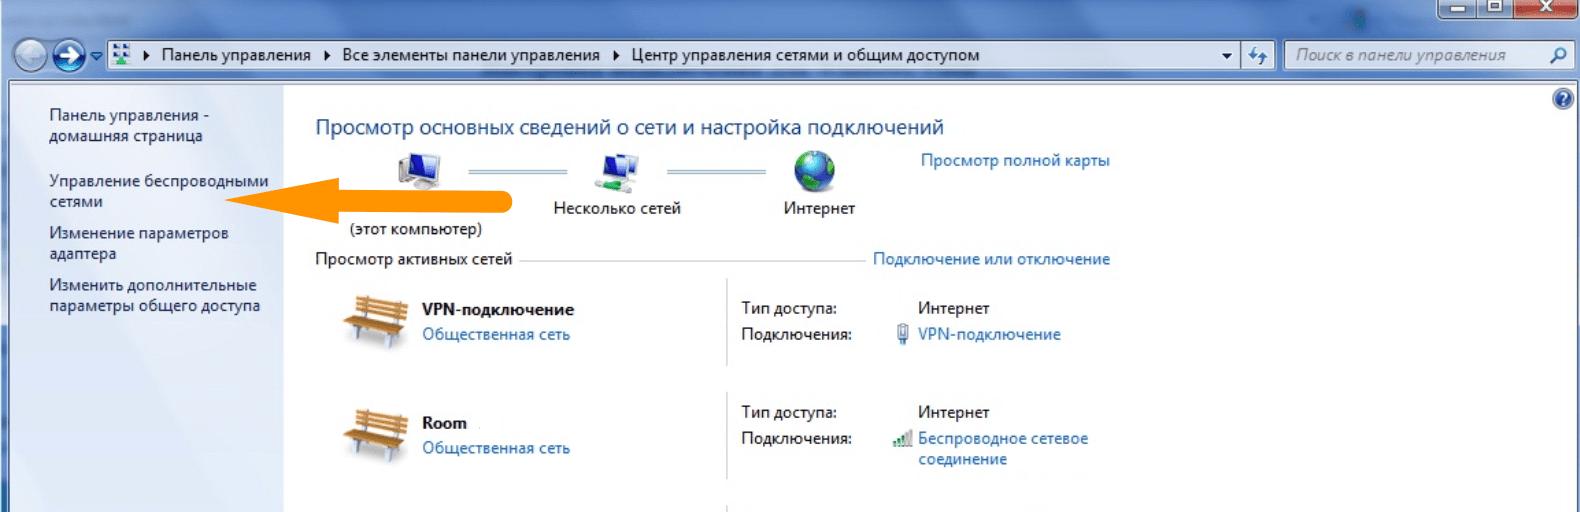 Управление беспроводными сетями в Windows 7